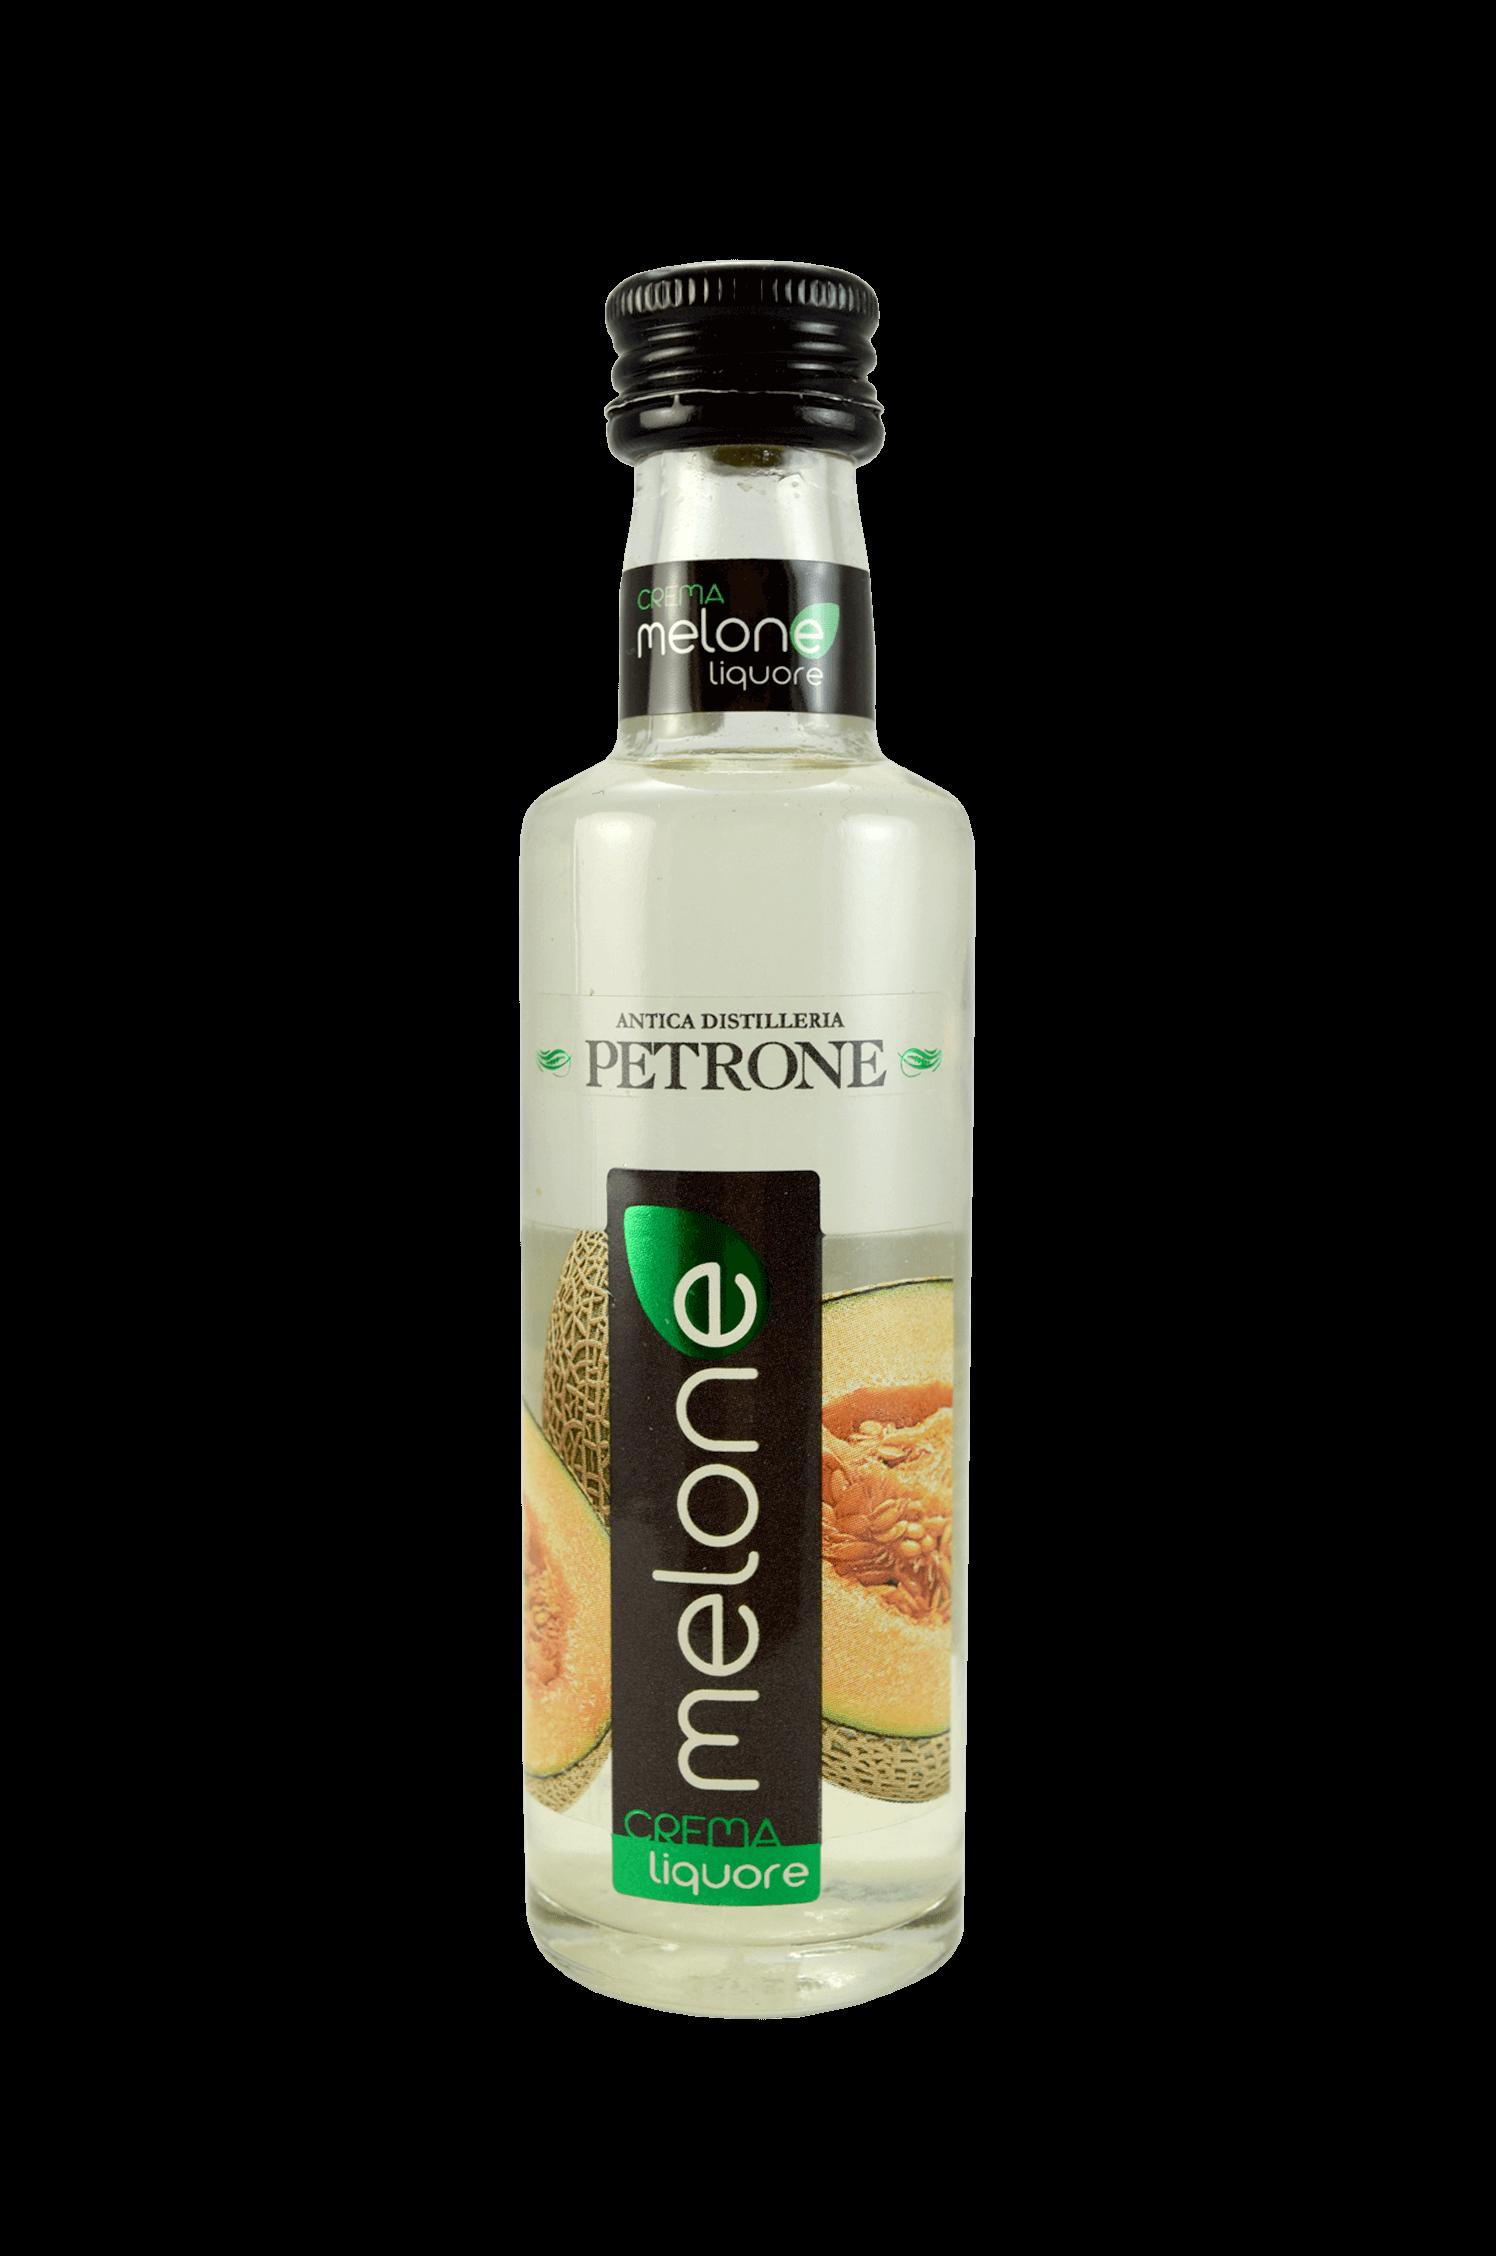 Petrone Melone Liquore